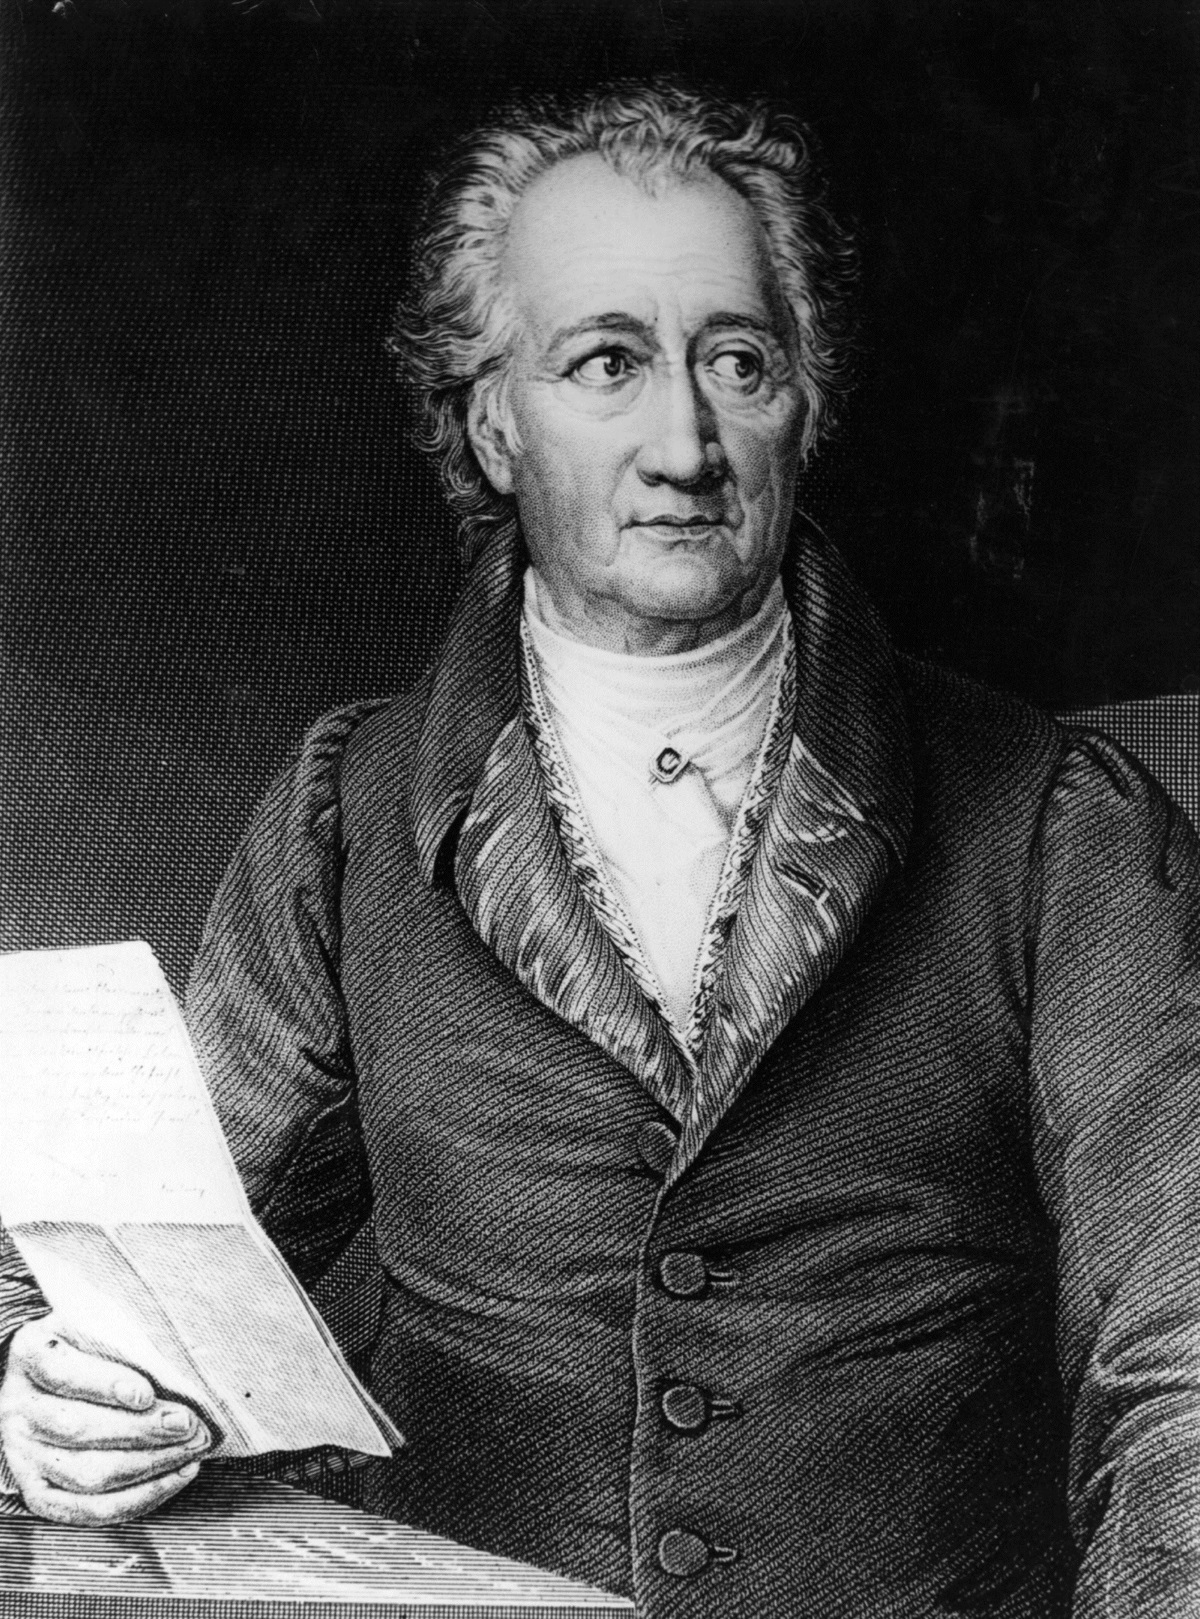 """Йохан Волфганг фон Гьоте - В молбата си за прием в масонска ложа Гьоте пише през 1780 г. следното: """"От много време насам се чувствам подтикнат от желанието да принадлежа към общността на масоните. (...) Тази титла ще ми позволи да вляза в по-тясна връзка с личности, които ценя високо. Именно това чувство за принадлежност ме тласка да подам молба за прием""""."""